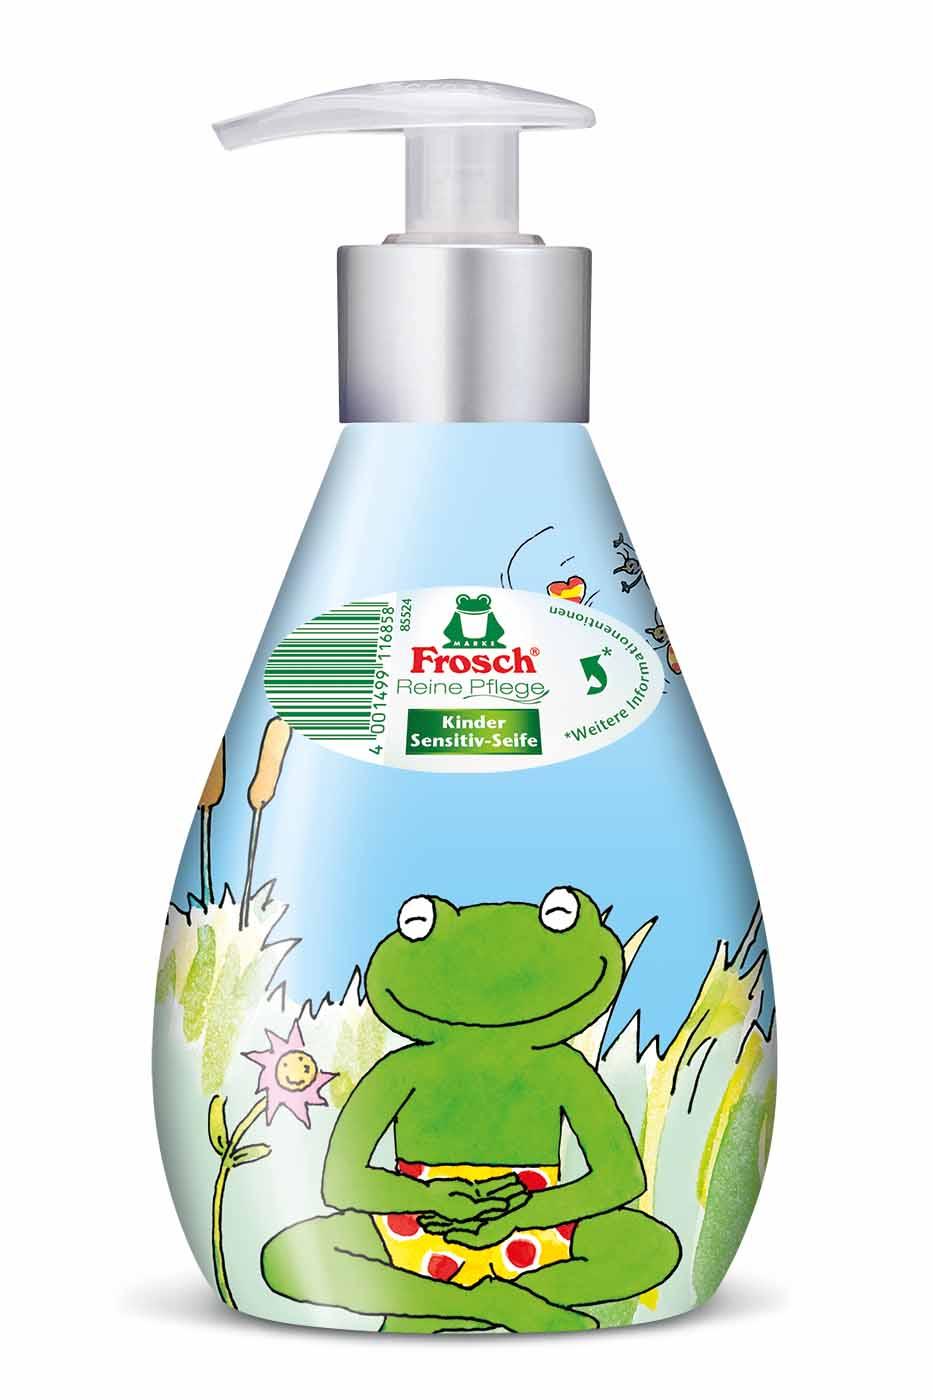 Жидкое детское мыло для рук Frosch, ухаживающее, 300 млSatin Hair 7 BR730MNДетское мыло для рук Frosch - это мягко ухаживающее мыло, нежные увлажняющие компоненты которого специально разработаны под различные потребности чувствительной детской кожи. Ухаживающее детское мыло Frosch при каждом мытье рук защищает кожу от пересушивания. Кроме того, питательные, смягчающие компоненты сохраняют естественную защиту кожи и дают приятное ощущение мягкости.Эту нежную концепцию дополняет мягкий цветочный аромат. Мыло pH-нейтрально для кожи и проверено дерматологами. Кожно-раздражающее и сенсобилизирующее действие отсутствует.Предназначено для детей от 3-х лет. Характеристики:Состав: вода, лаурил сульфат натрия, глицерин, хлорид натрия, кокамидопропилбетаин, глицерил олеат, коко-глюкозаид, лимонная кислота, салициловая кислота, бензоат натрия, ароматизирующие добавки. Объем: 300 мл. Артикул: 101685. Торговая марка Frosch специализируется на выпуске экологически чистой бытовой химии. Для изготовления своей продукции Frosch использует натуральные природные компоненты. Ассортимент содержит все необходимое для бережного ухода за домом и вещами. Продукция торговой марки Frosch эффективно удаляет загрязнения, оберегает кожу рук и безопасна для окружающей среды.Уважаемые клиенты! Обращаем ваше внимание на возможные изменения в дизайне упаковки. Качественные характеристики товара остаются неизменными. Поставка осуществляется в зависимости от наличия на складе.